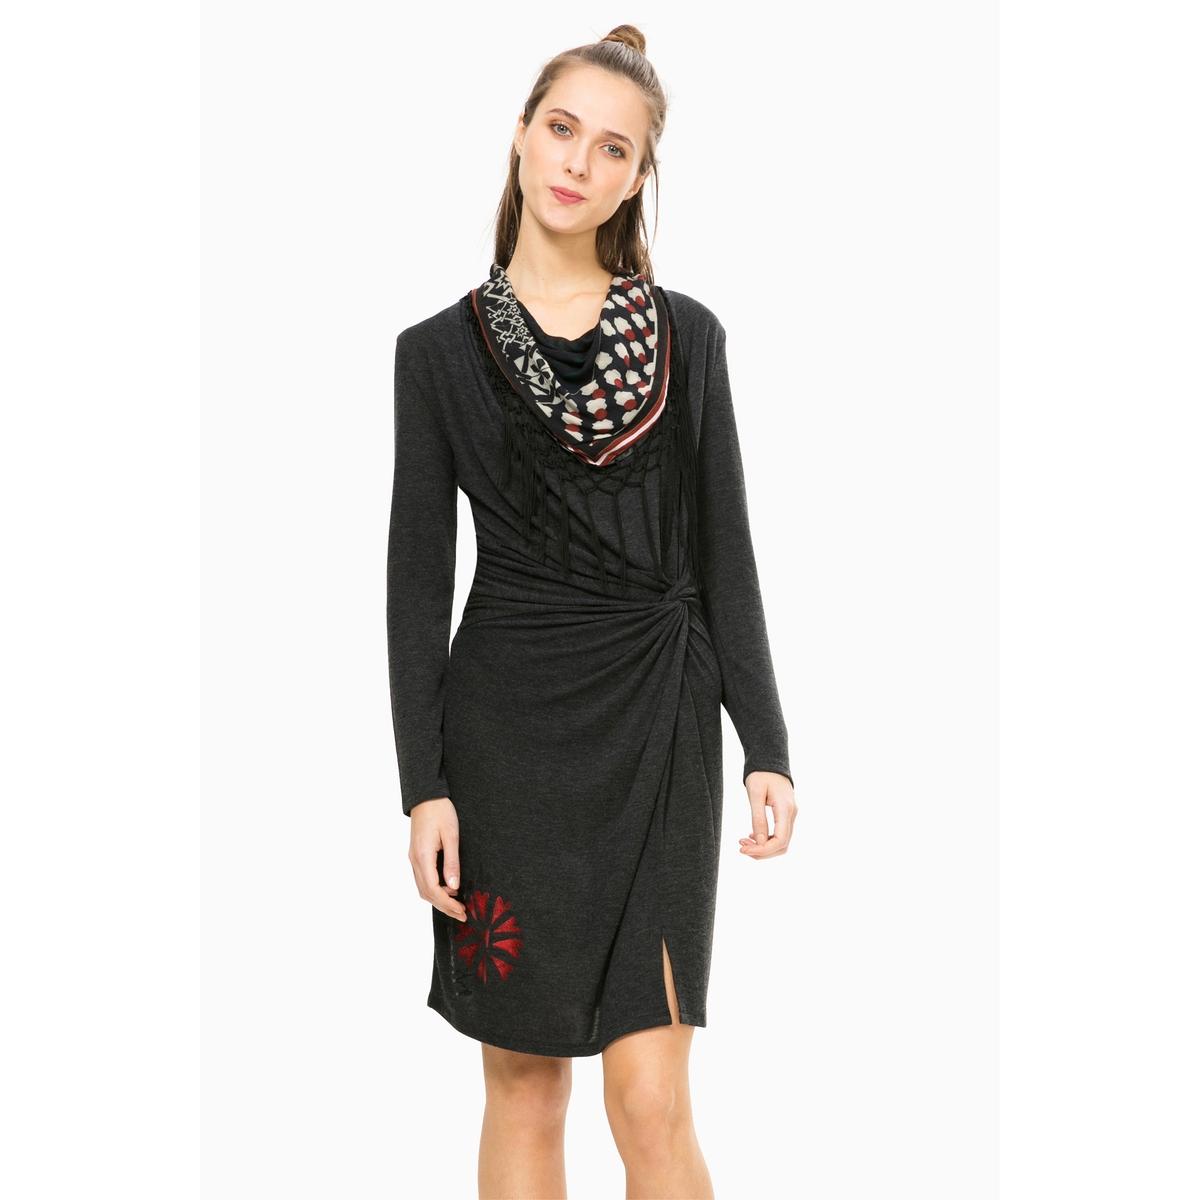 Платье прямое с разрезом, Vest ShelbyПлатье с длинными рукавами Vest Shelby от DESIGUAL. Прямой покрой с разрезом внизу драпировкой спереди и завязками сбоку. Объемный вырез с оригинальным мотивом-принтом . Состав и описаниеМарка : DESIGUALМодель : Vest ShelbyМатериал : 80% вискозы, 20% полиэстера<br><br>Цвет: черный